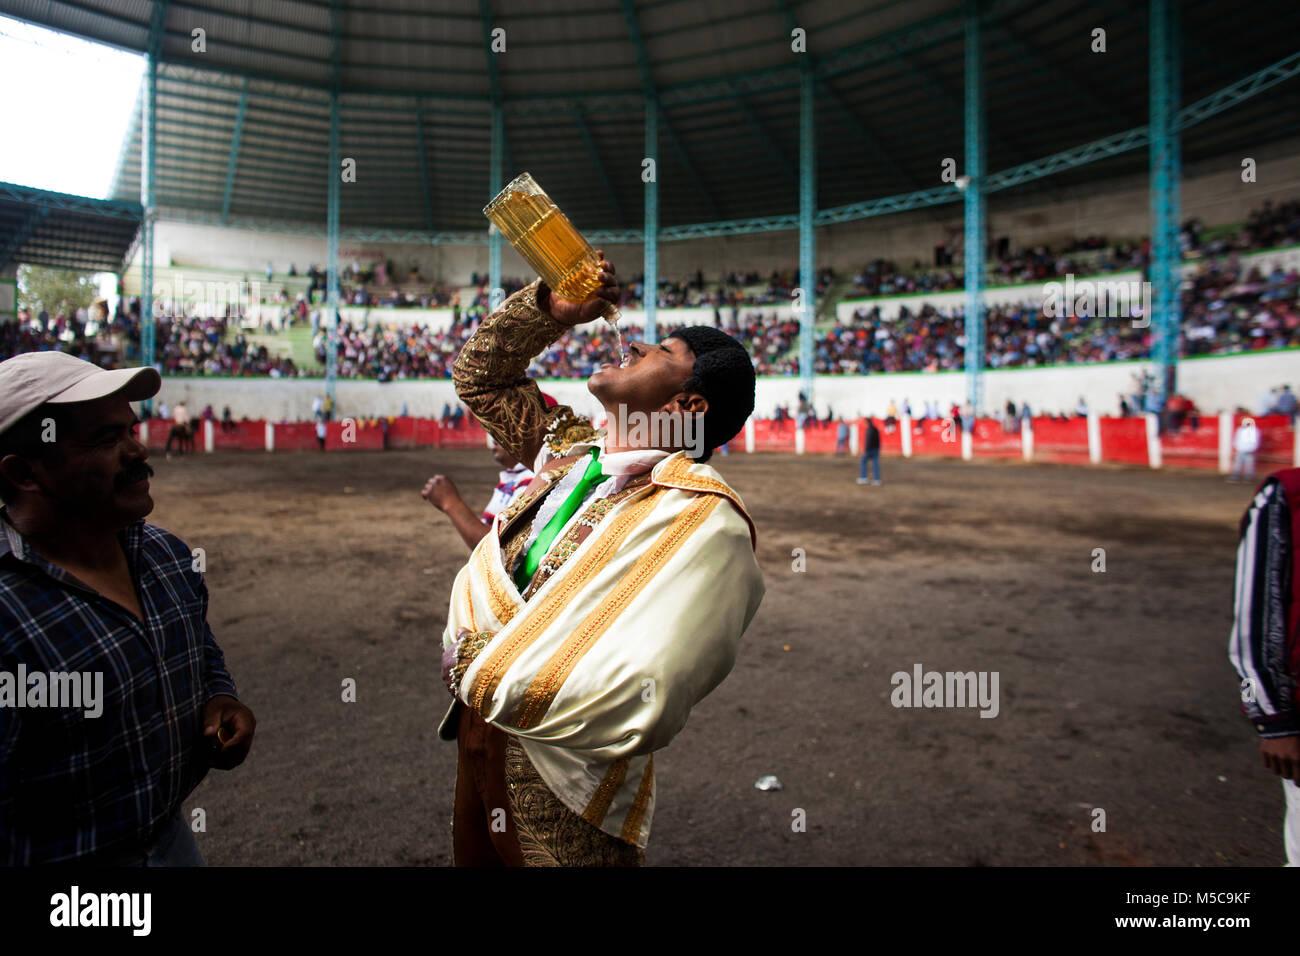 La Credenza Traduzione : Un matador bevande tequila durante la caduta fiesta rodeo in